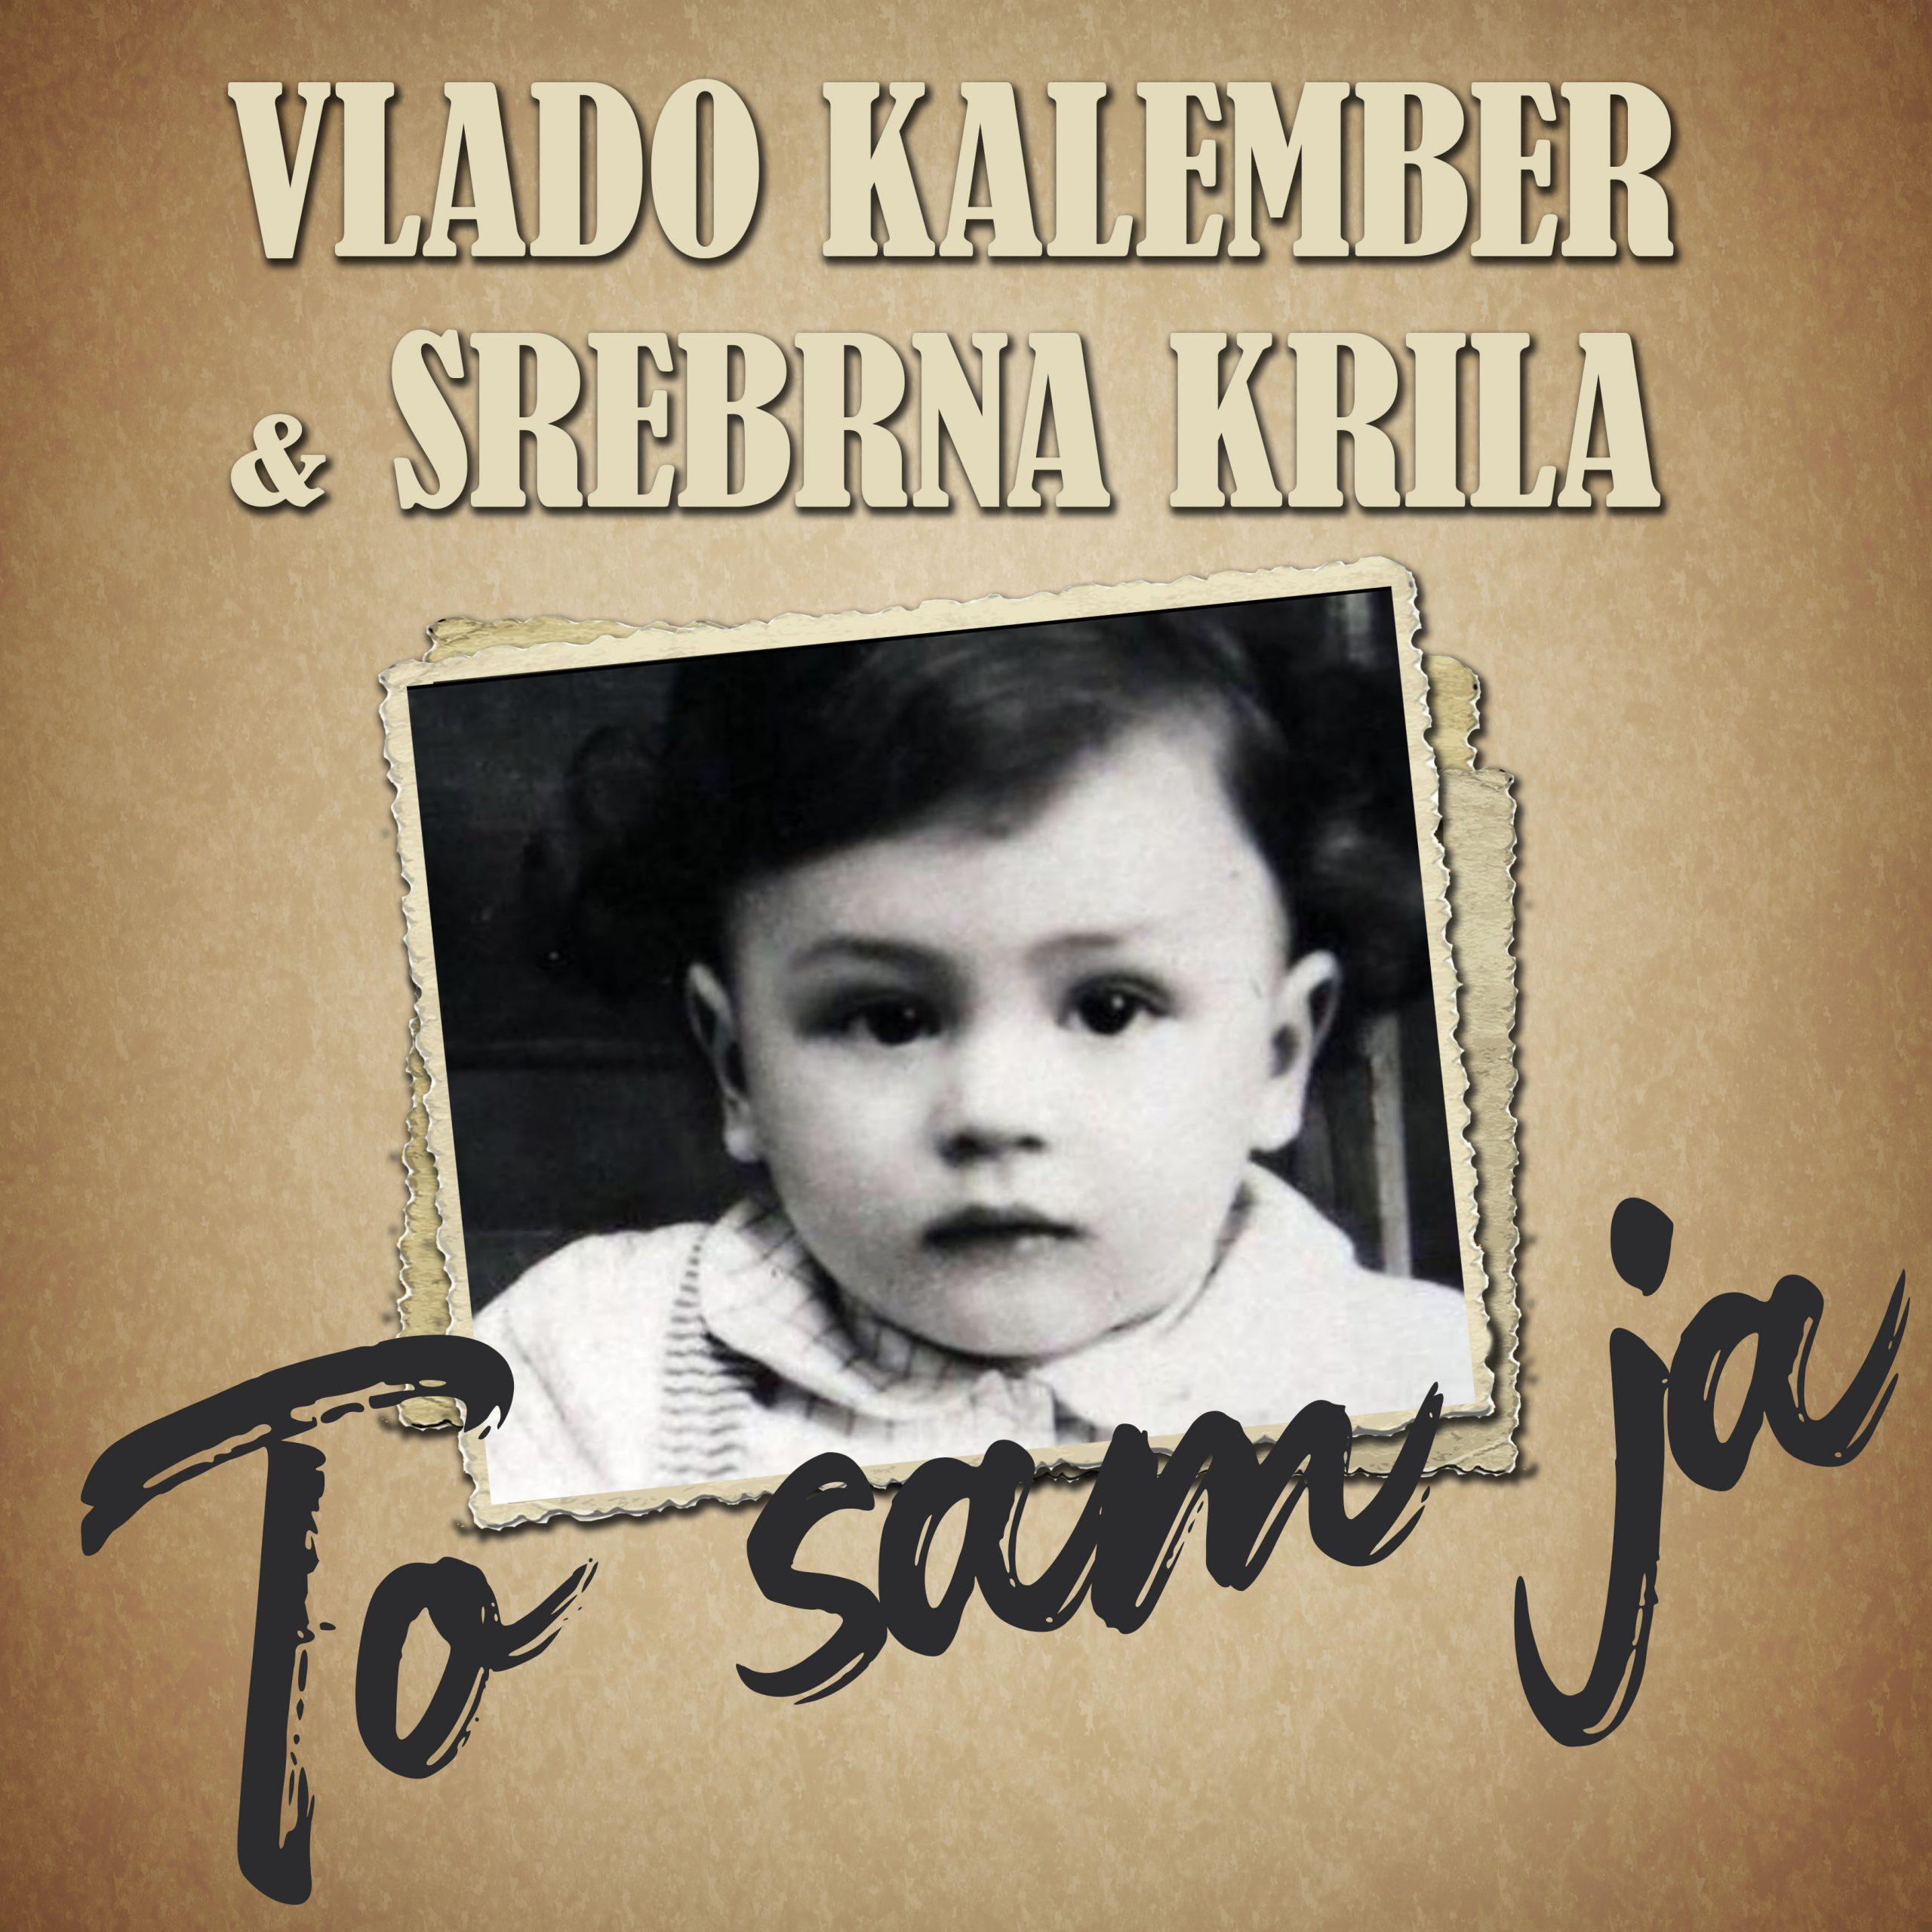 """Vlado Kalember & Srebrna krila objavili emotivnu biografsku skladbu """"To sam ja"""""""